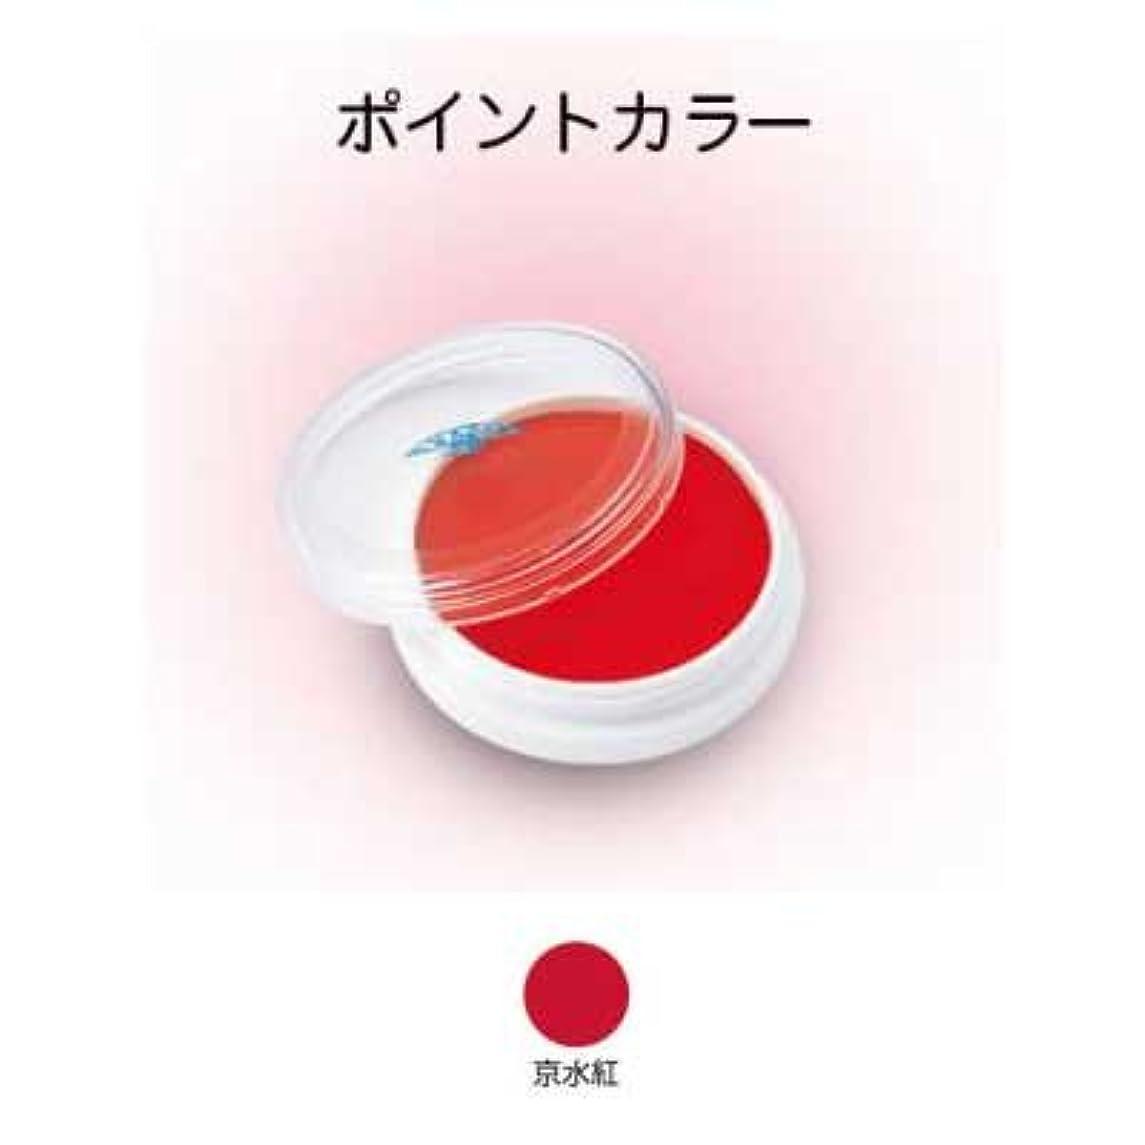 シェトランド諸島ダイジェスト北アクアカラー 4g 京水紅 【三善】